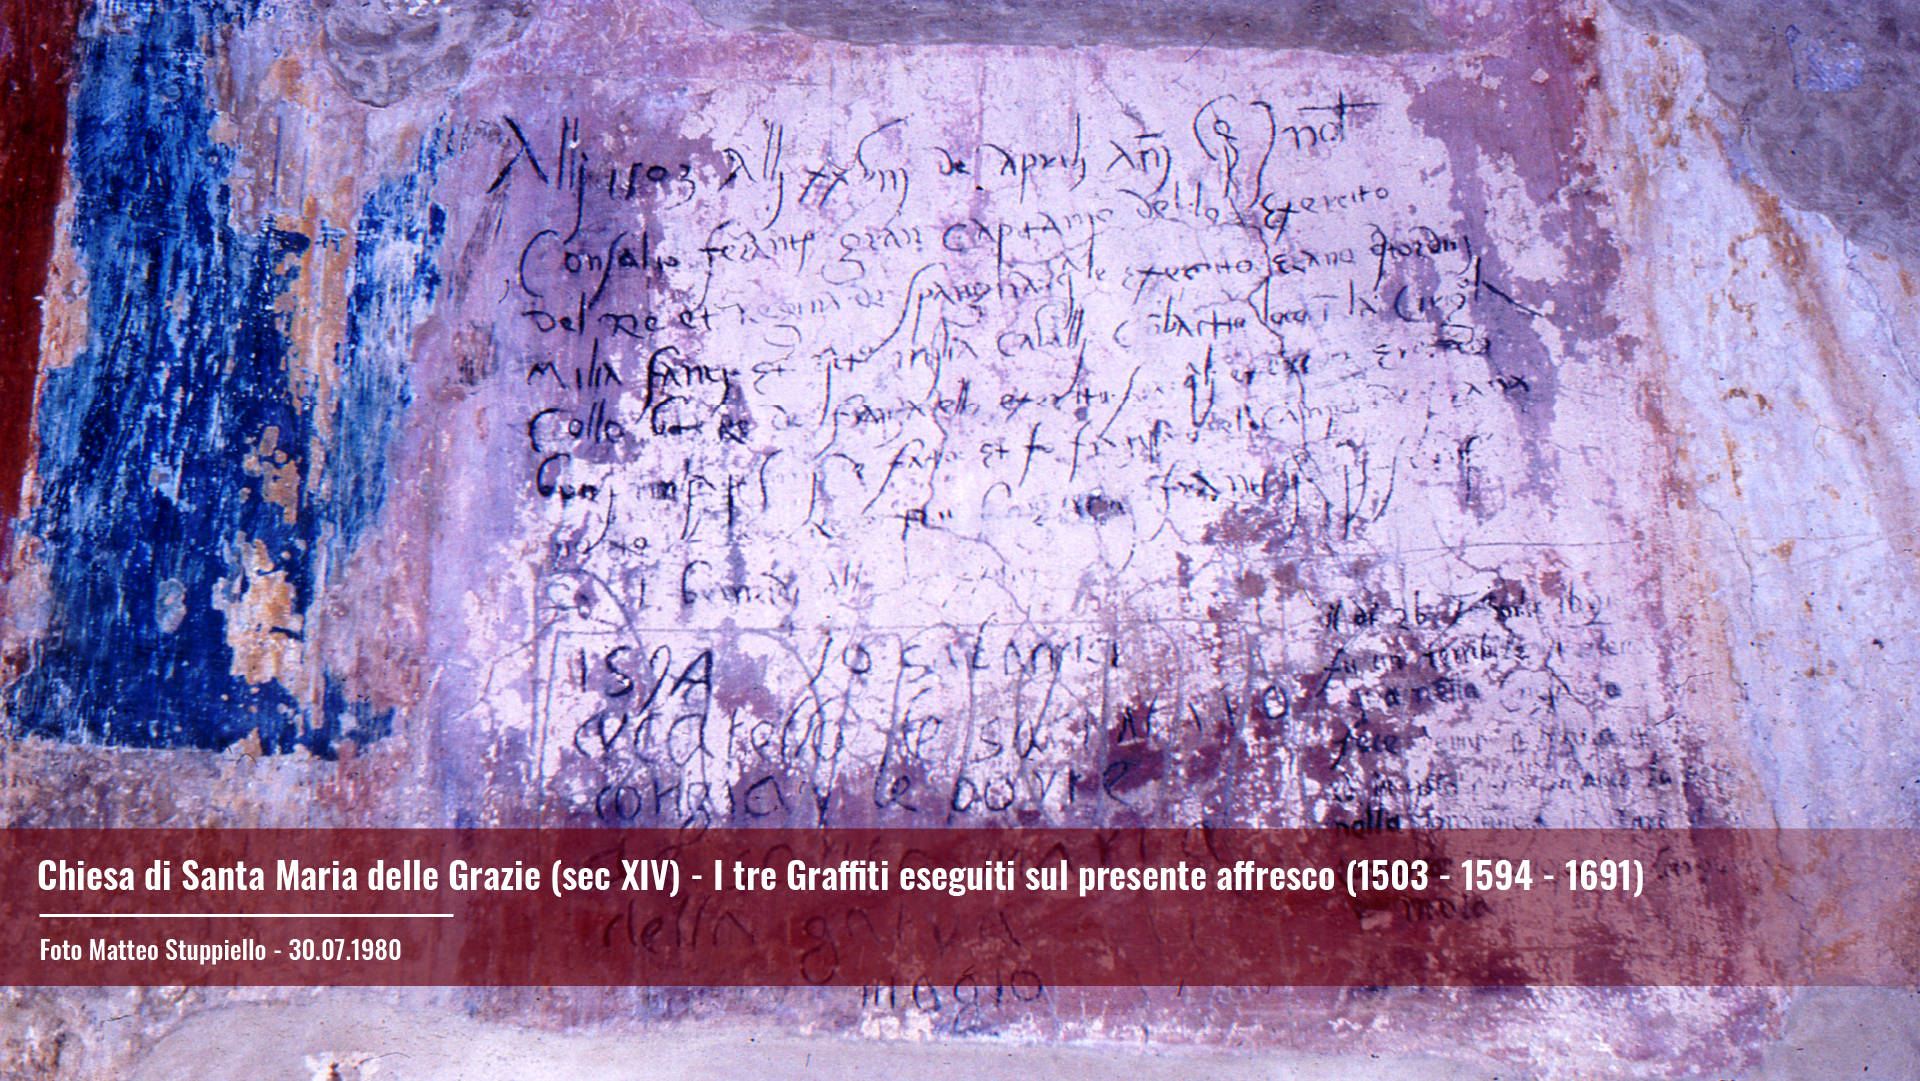 Img7_Graffiti